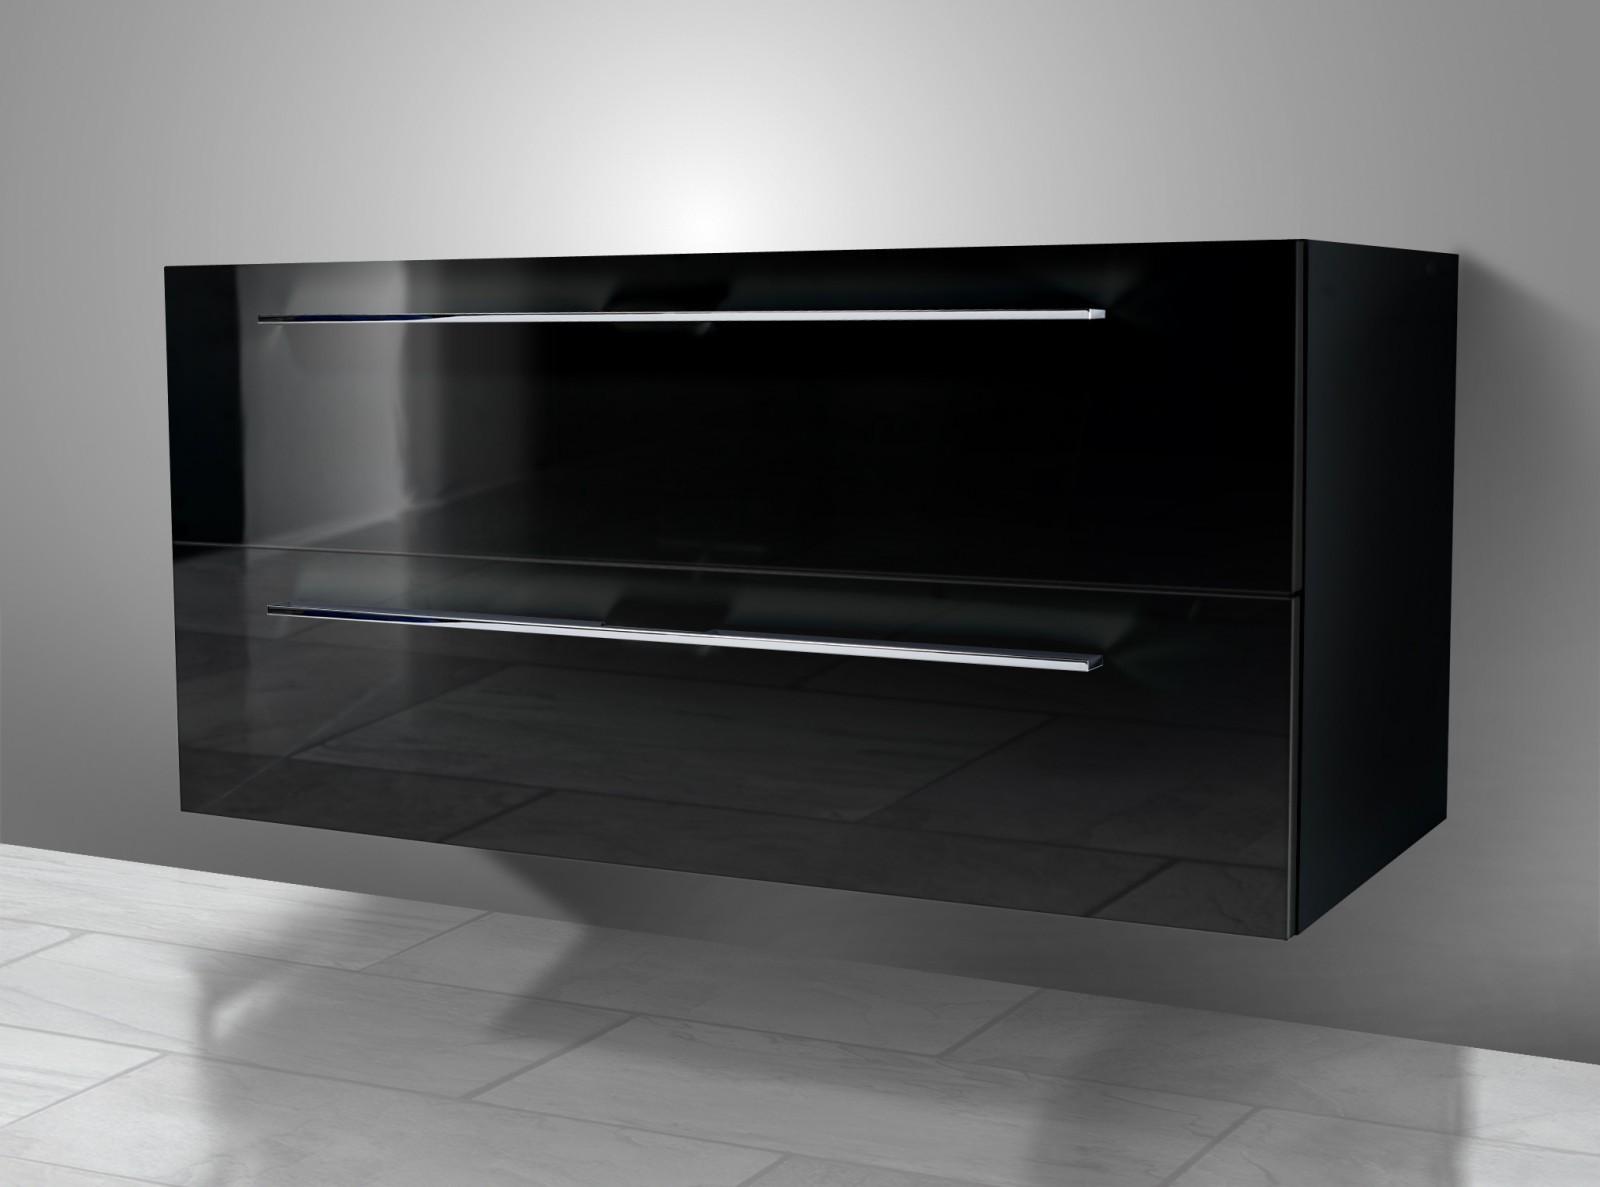 unterschrank zu duravit vero 120 cm waschbeckenunterschrank 1269. Black Bedroom Furniture Sets. Home Design Ideas